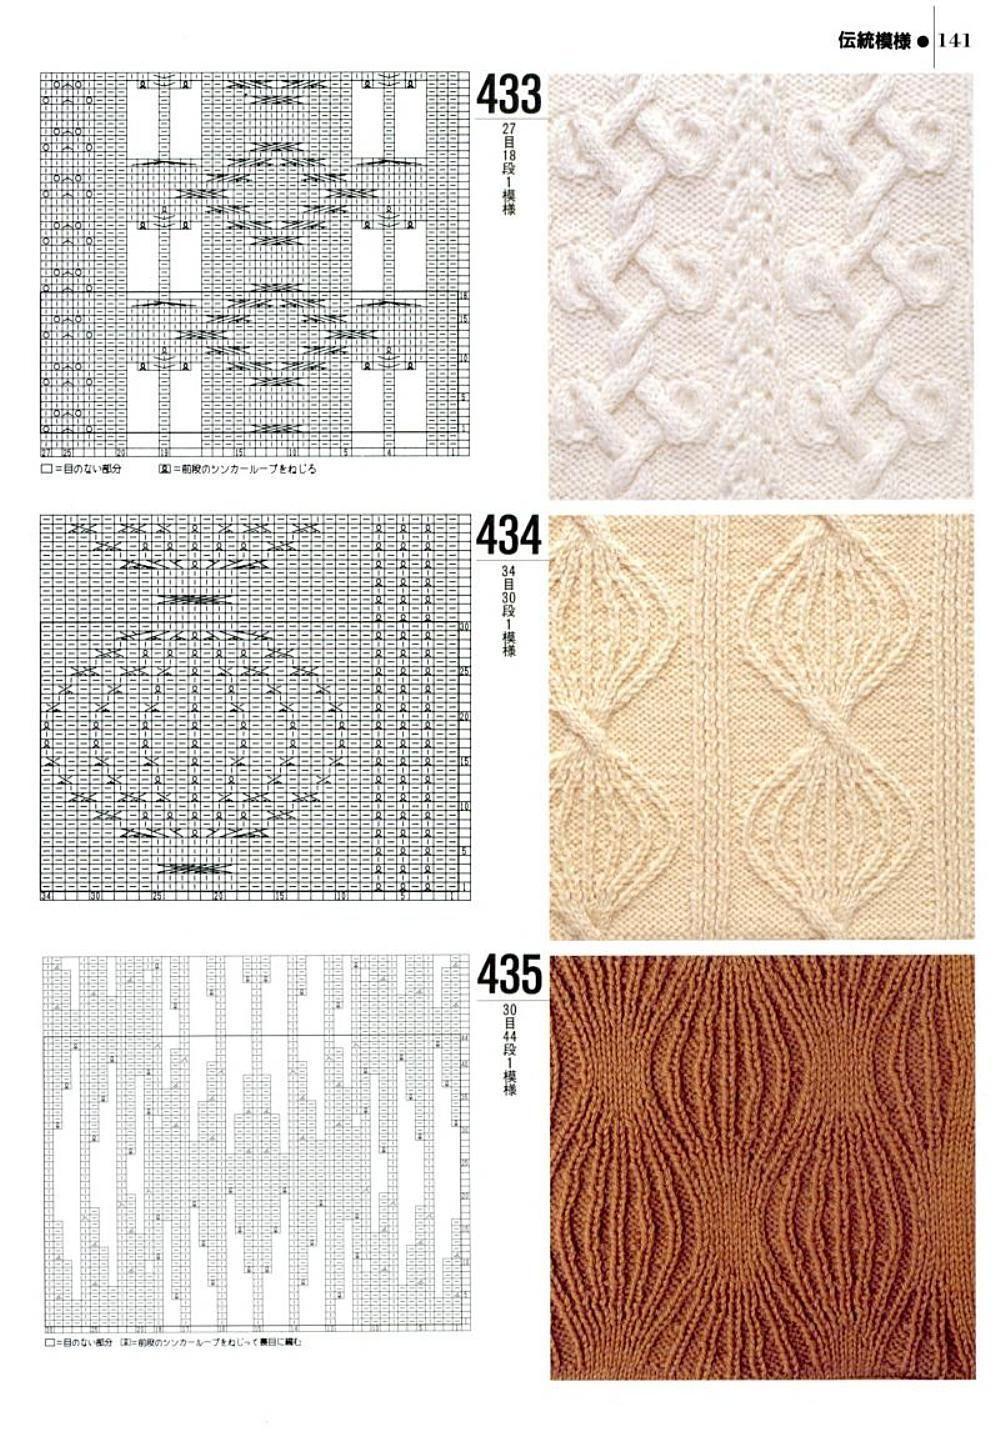 1000 knitting patterns | Tejidos de punto | Pinterest | Dos agujas ...